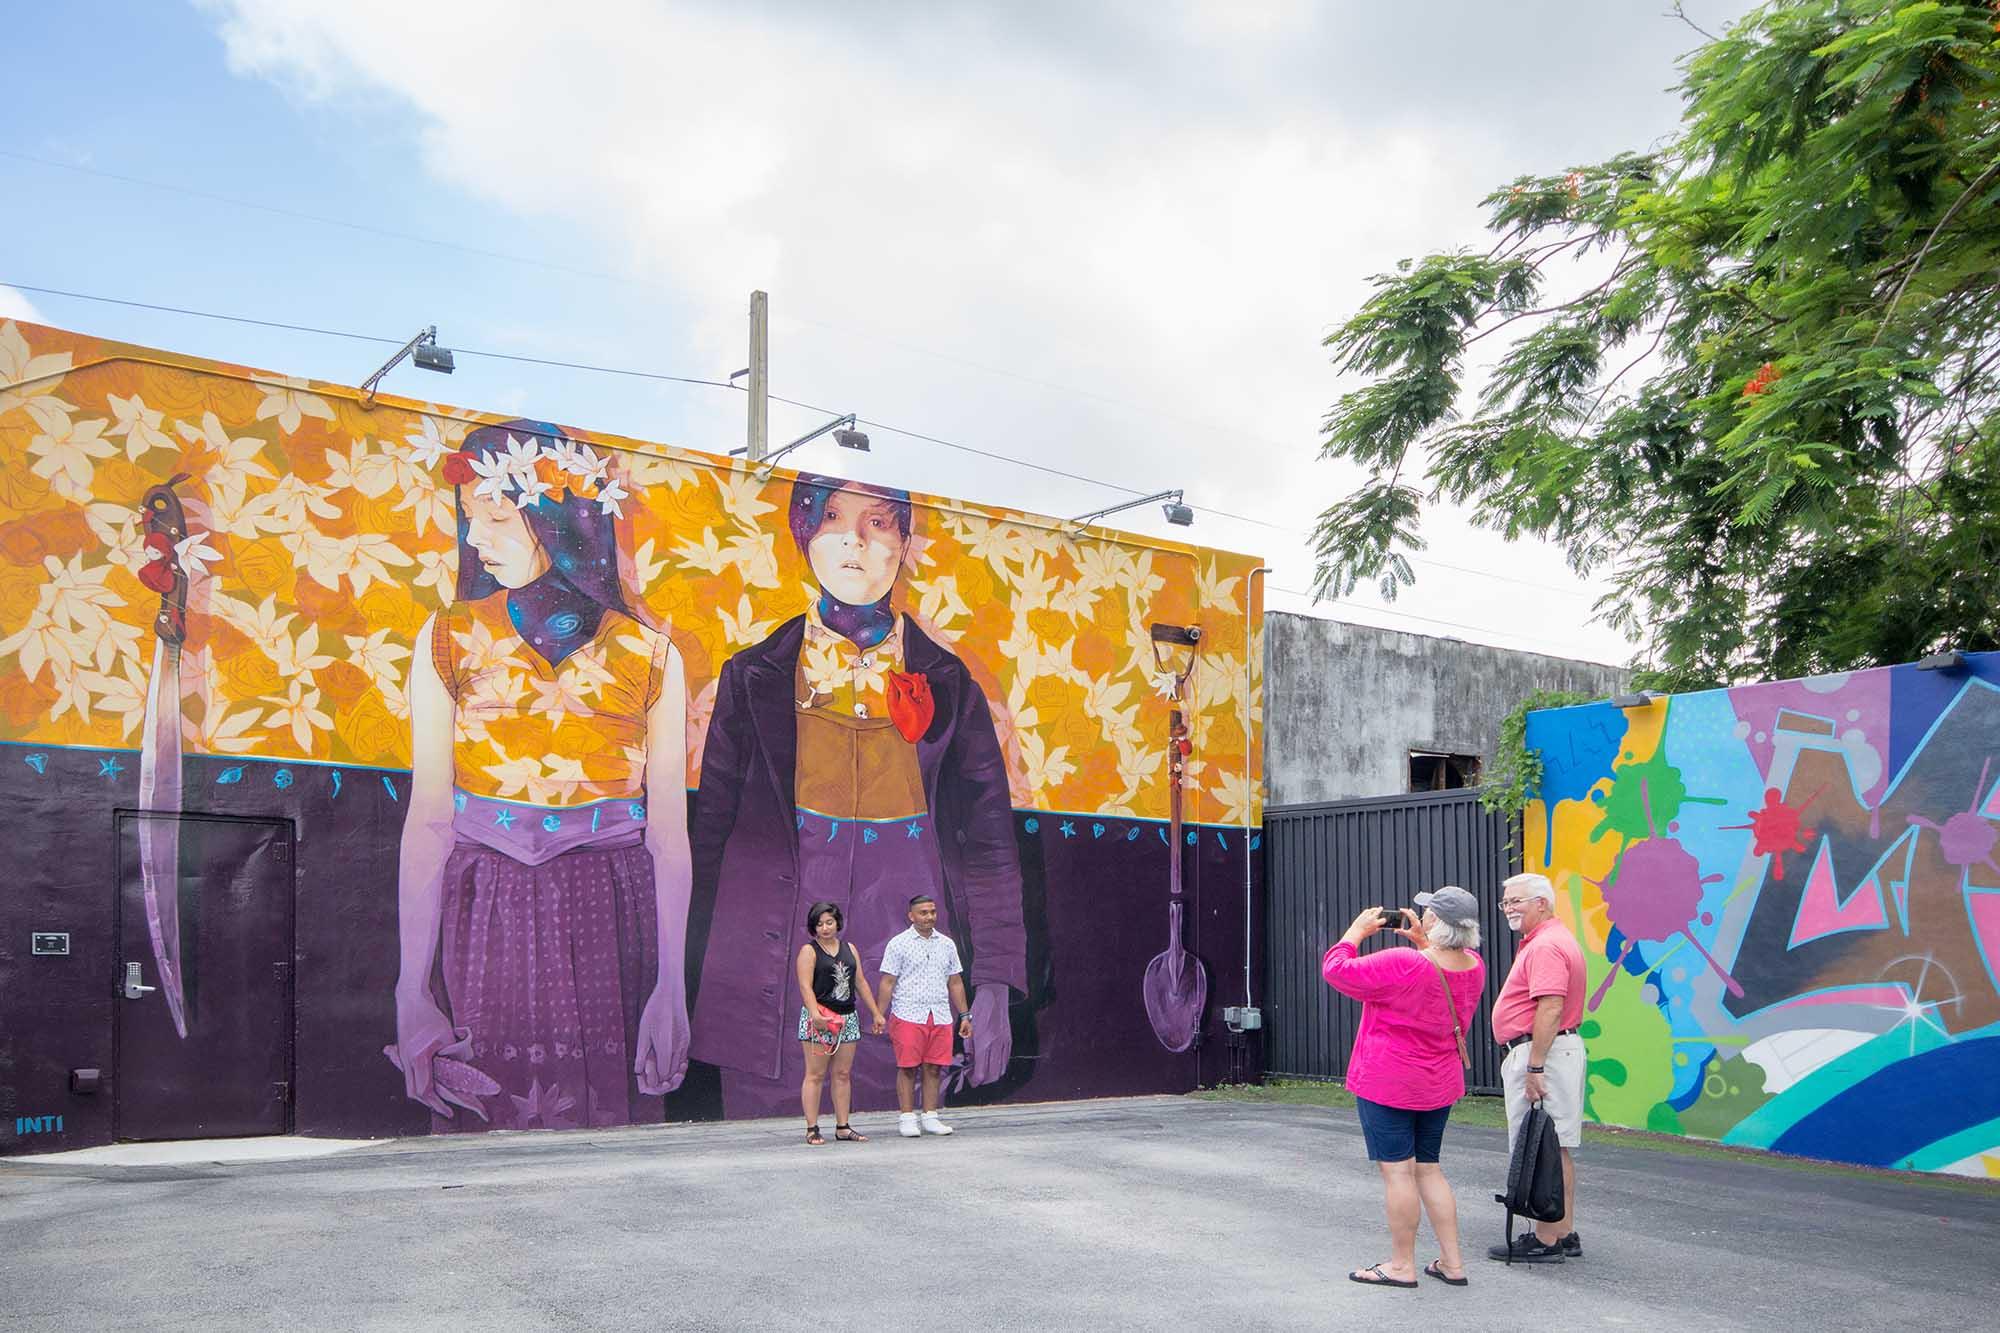 Citi Bike Miami >> Wynwood - Wynwood art walk - ENJOY MIAMI BEACH